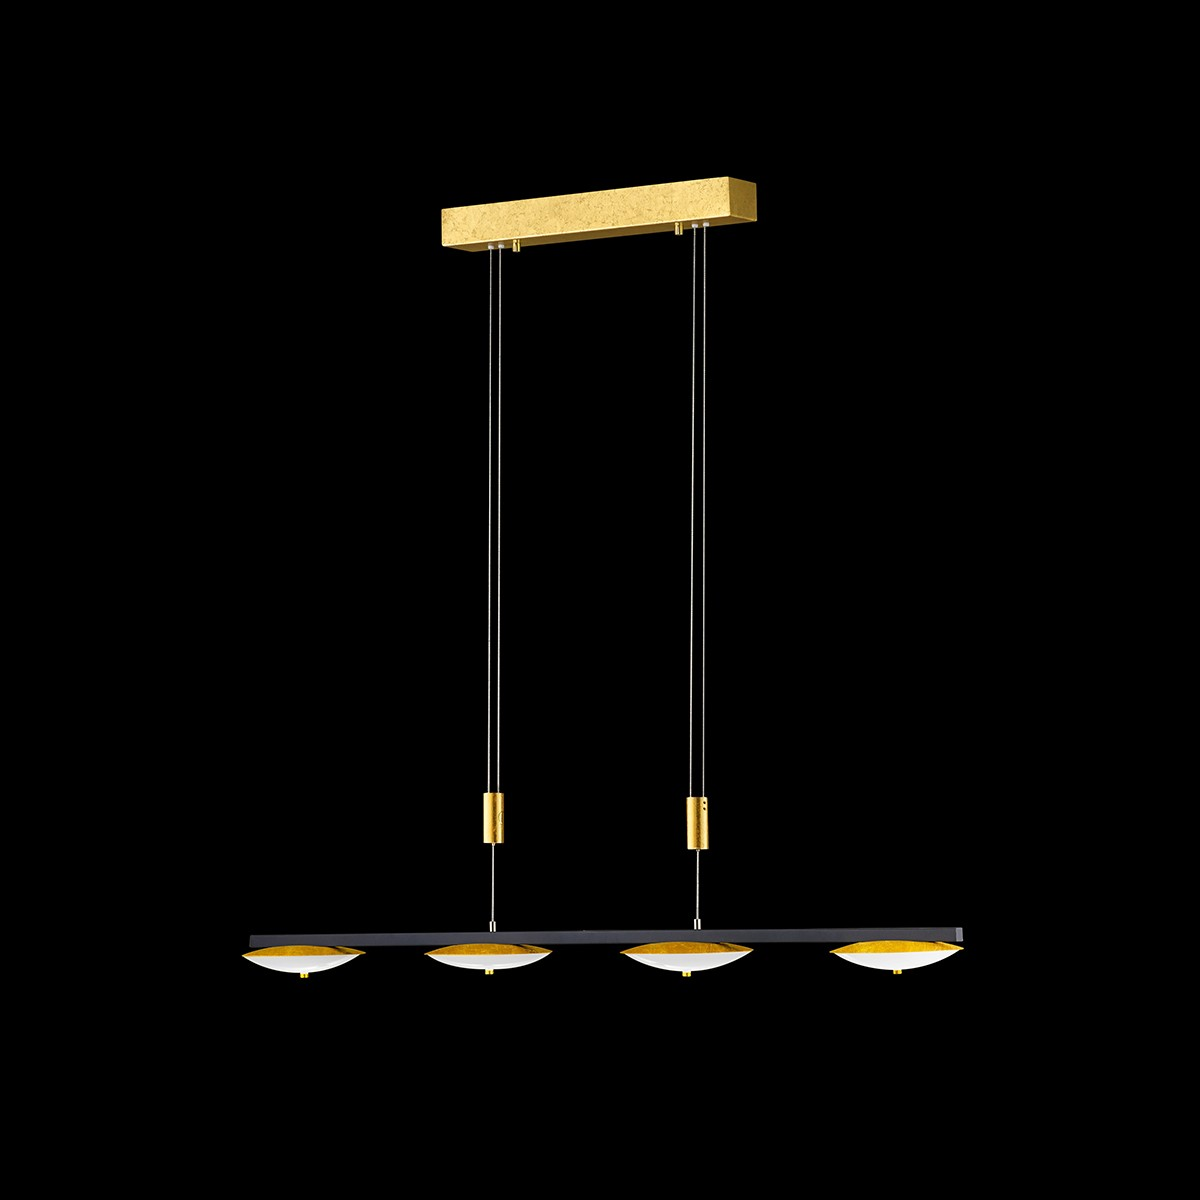 Luce Elevata Pure Up Pendelleuchte, Länge: 90 cm, Blattgoldoptik